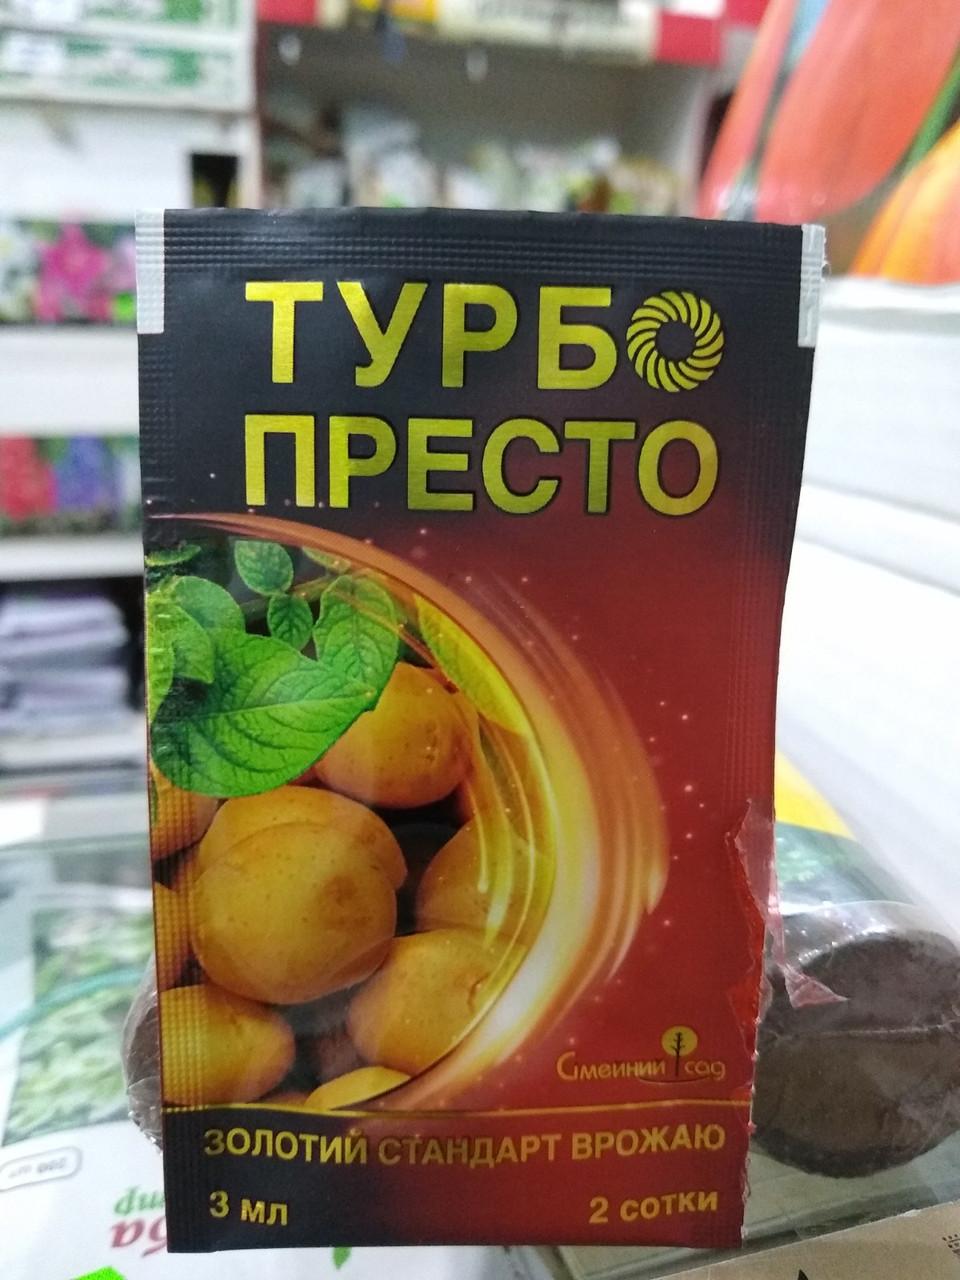 Системний інсектицид для рослин від шкідників, Турбо Престо 3 мл на 2 сотки Сімейний Сад Україна